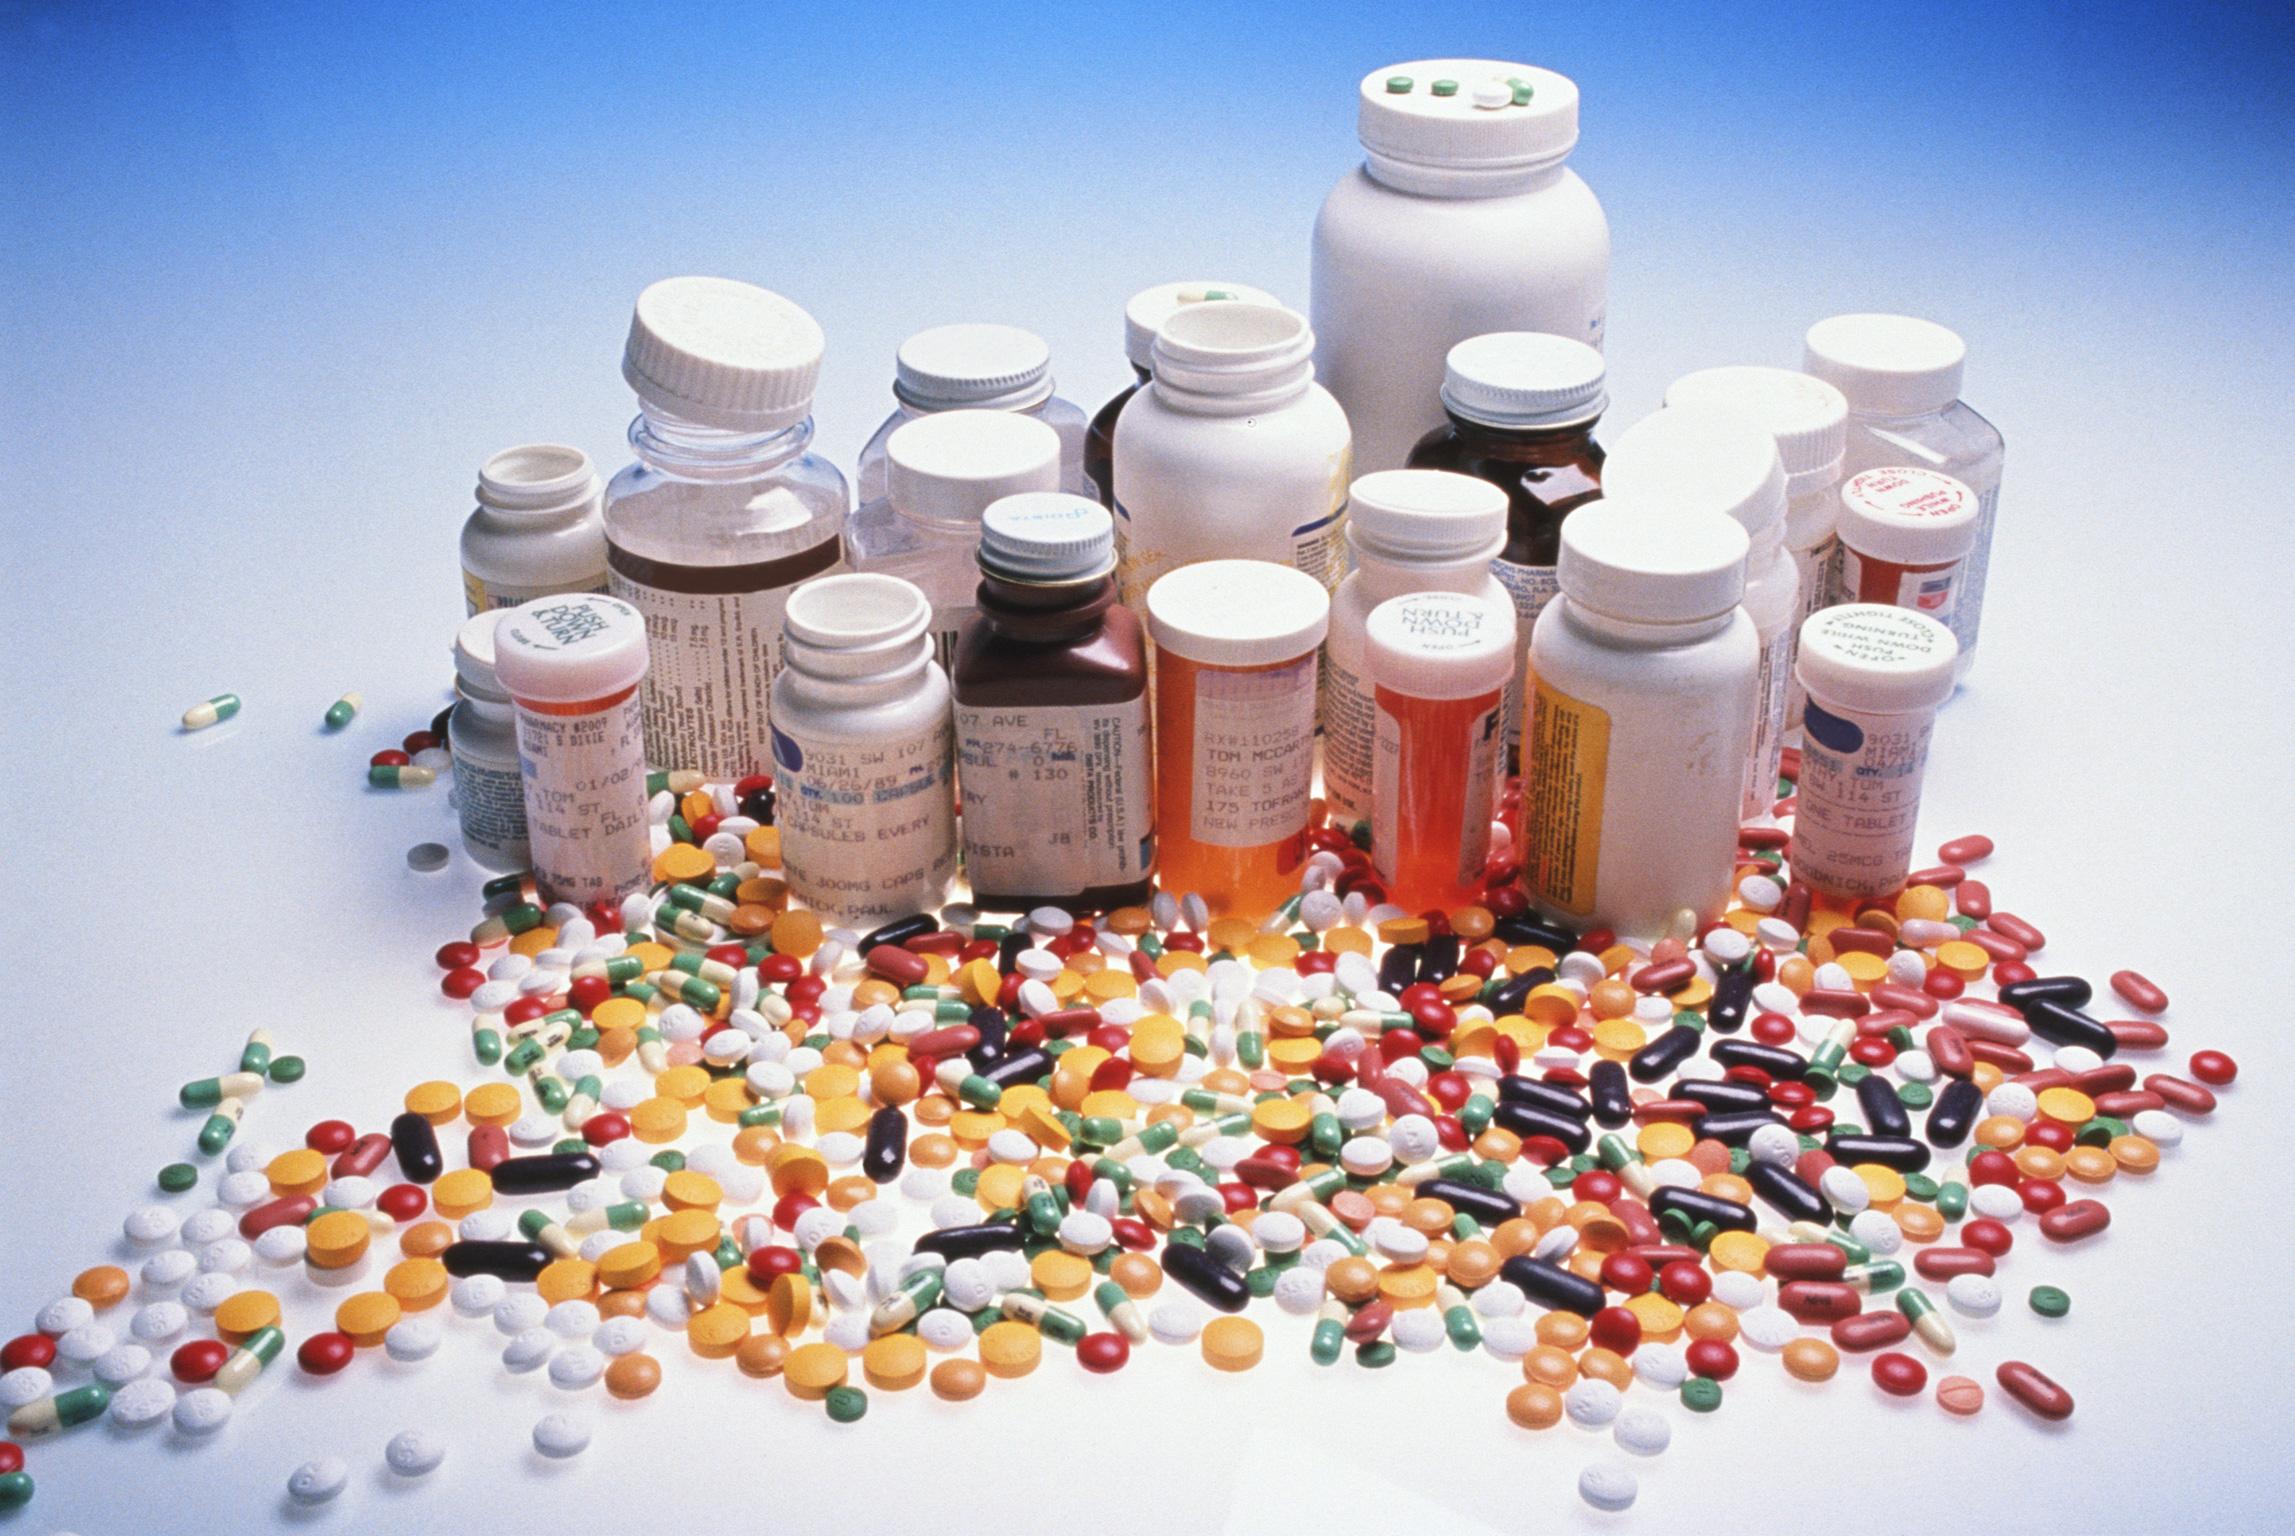 La Suisse n'aime pas les médicaments génériques